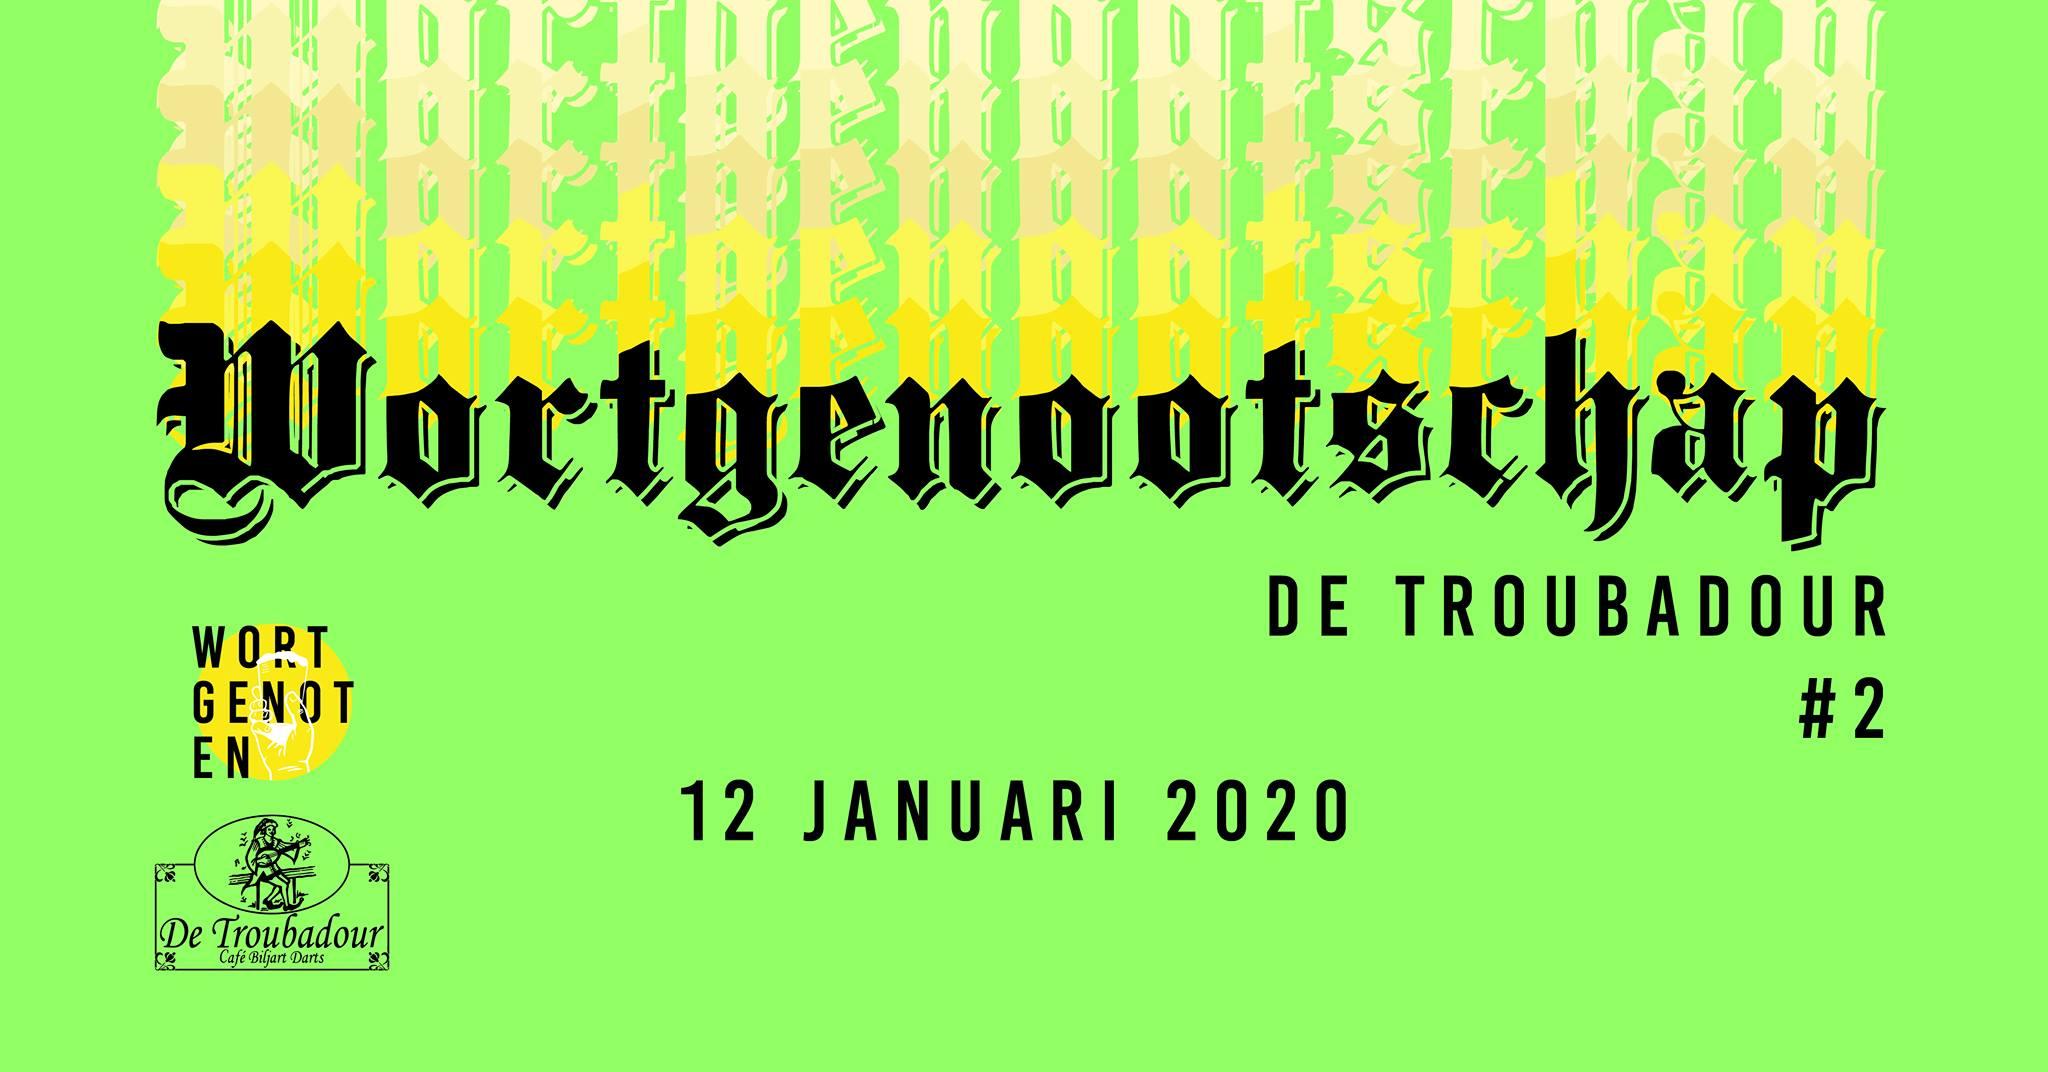 <p>Wortgenootschap De Troubadour #2</p>